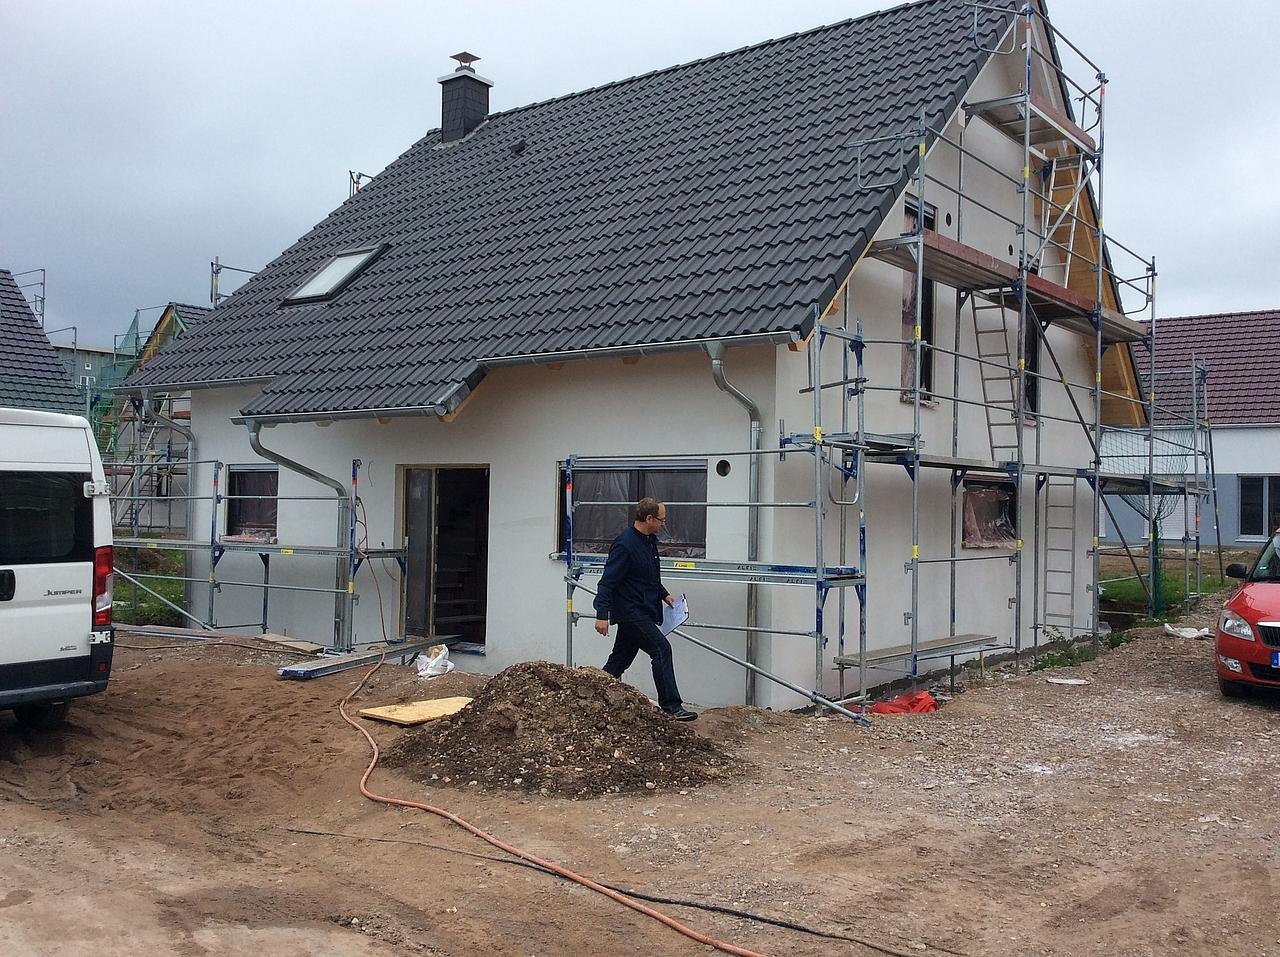 Bautagebuch Ein Wohntraum für zwei oder mehr